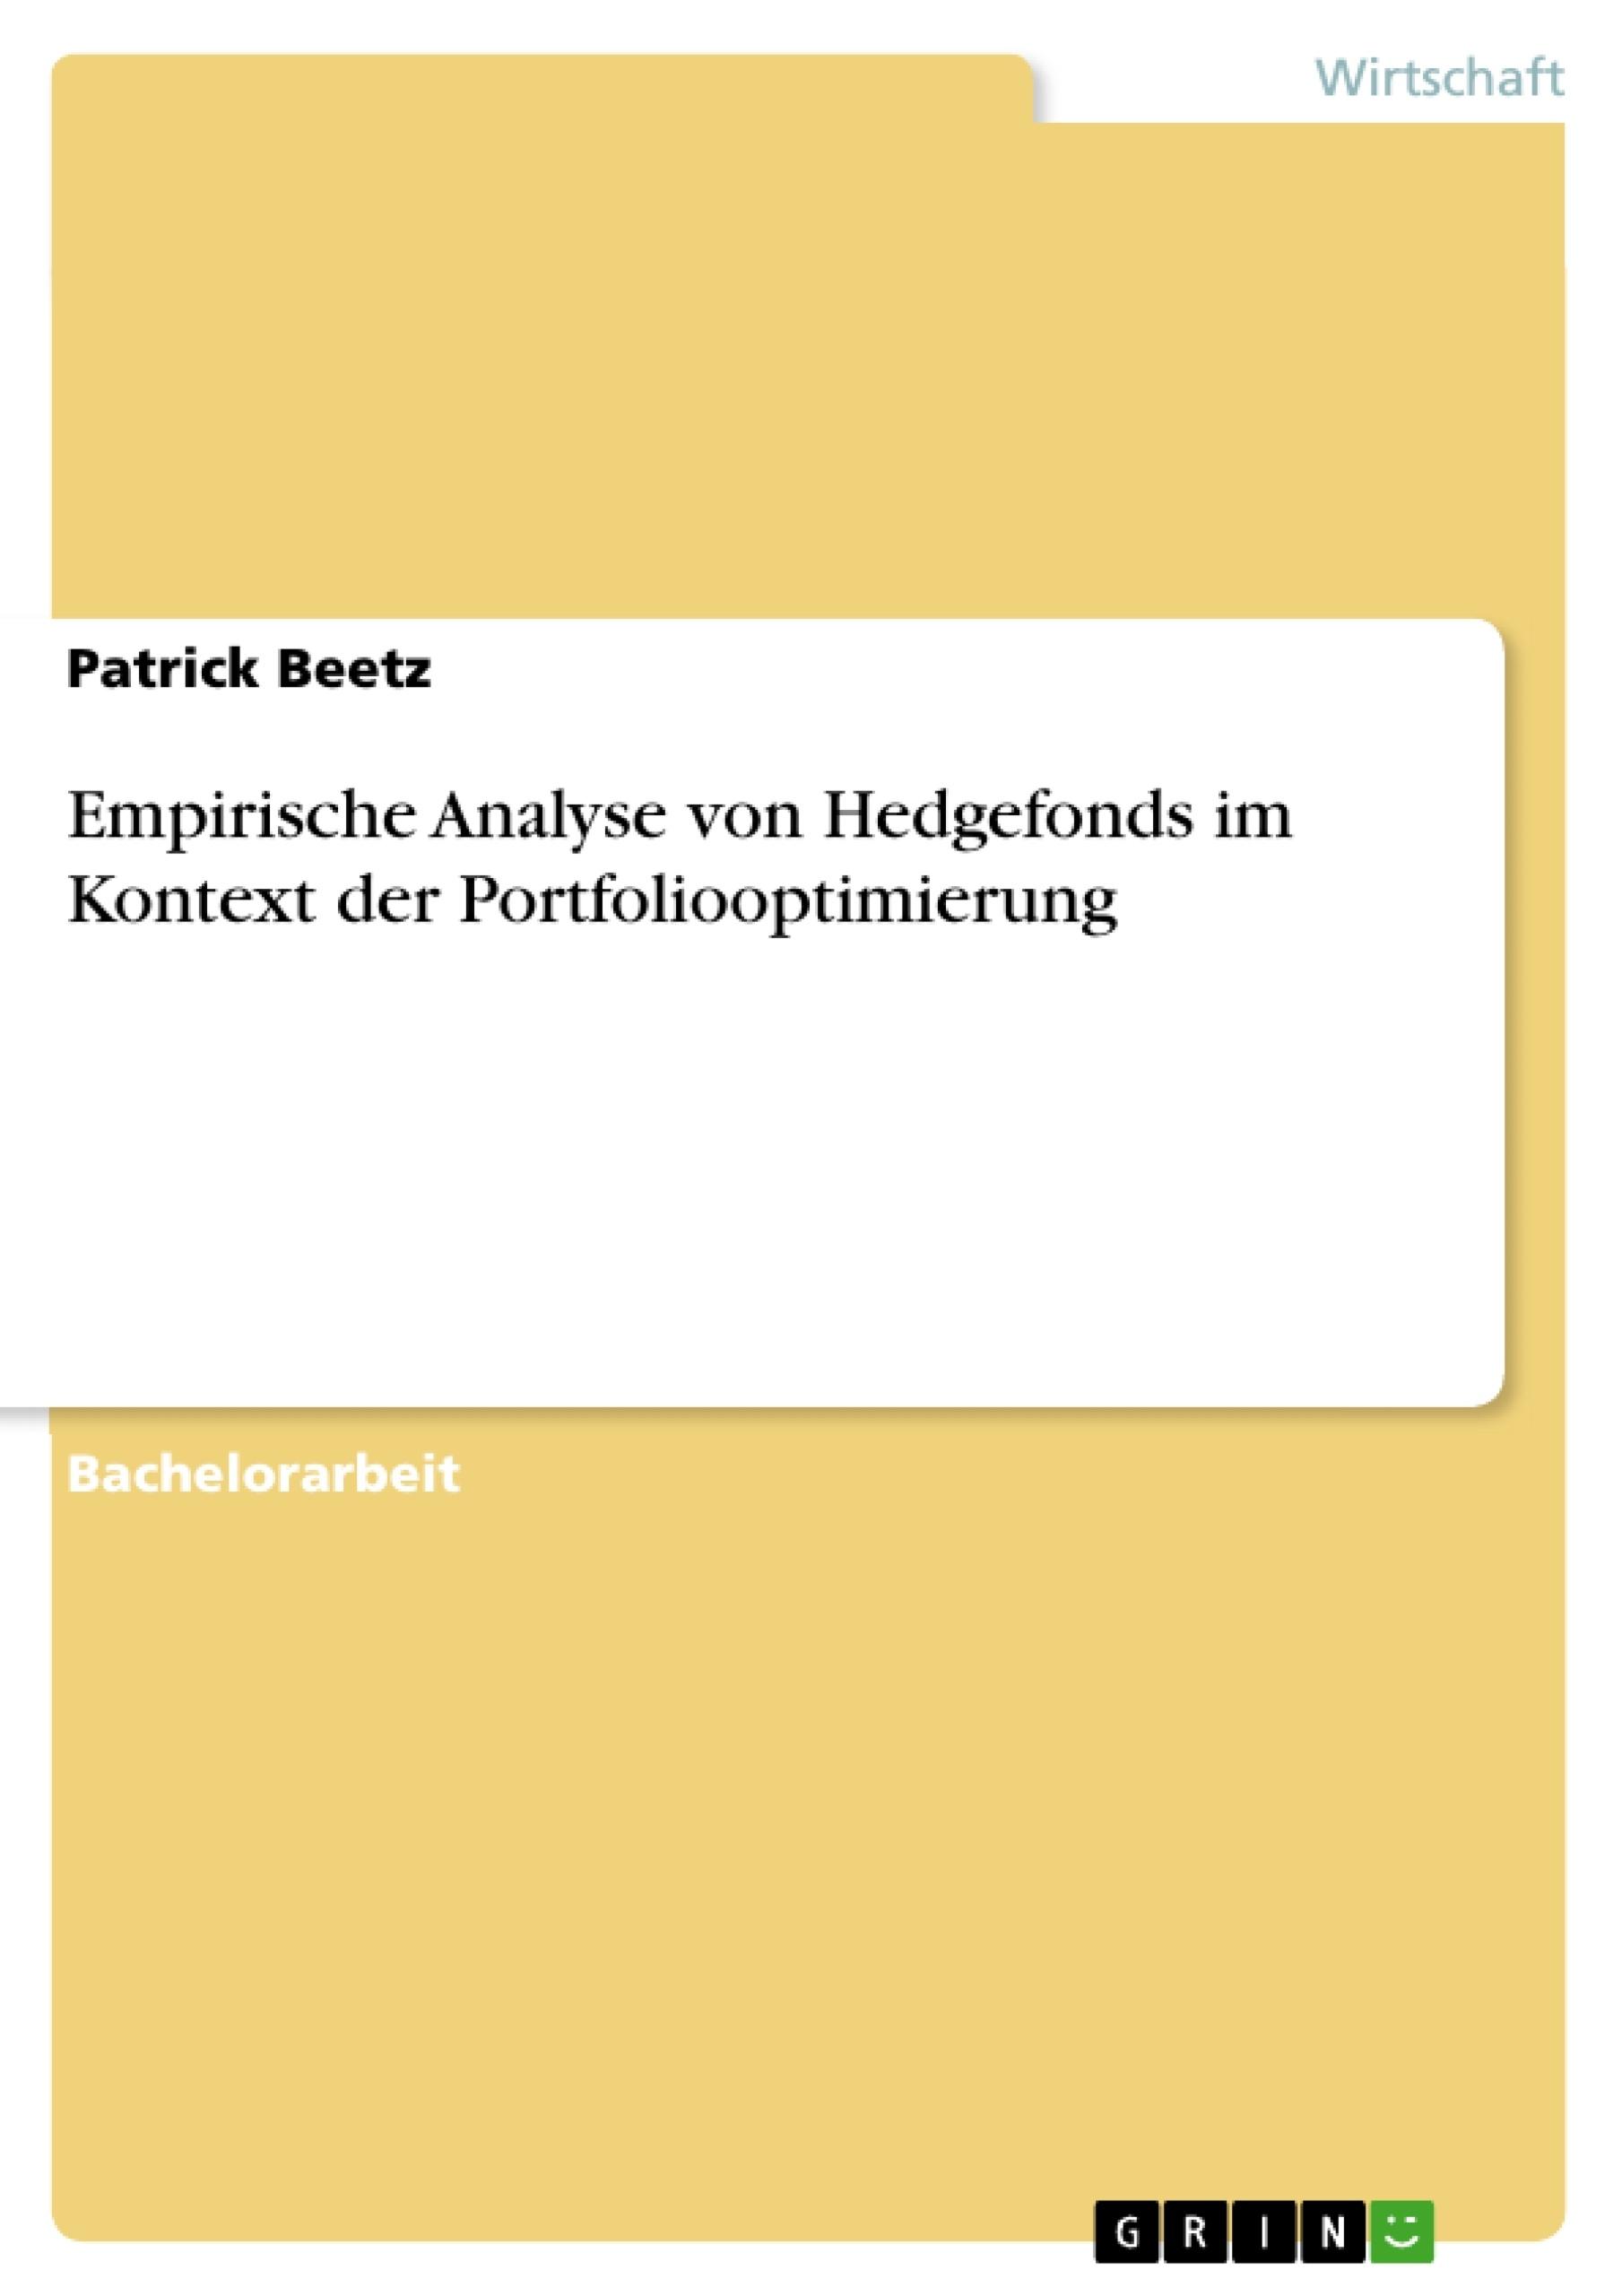 Titel: Empirische Analyse von Hedgefonds im Kontext der Portfoliooptimierung